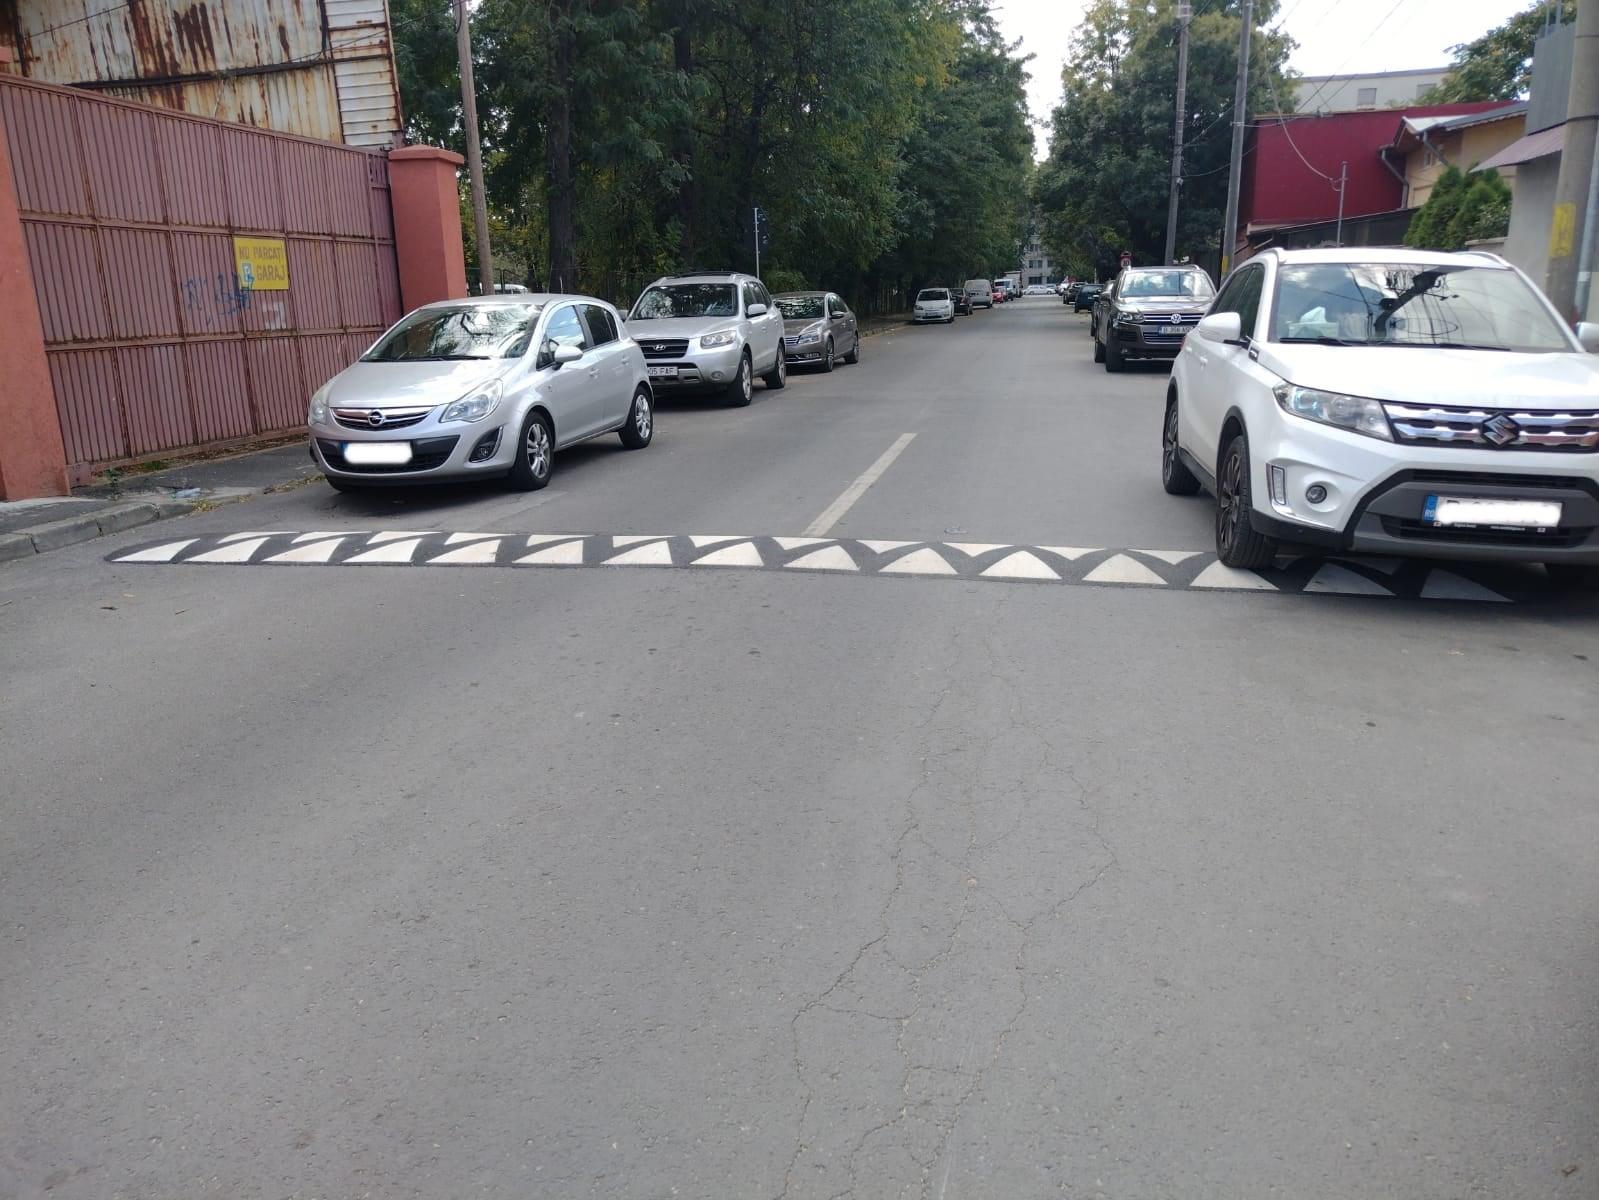 Un sector din București a început să monteze limitatoare de viteză din asfalt pe străzile secundare. Mai ieftine și mai durabile decât cele de cauciuc